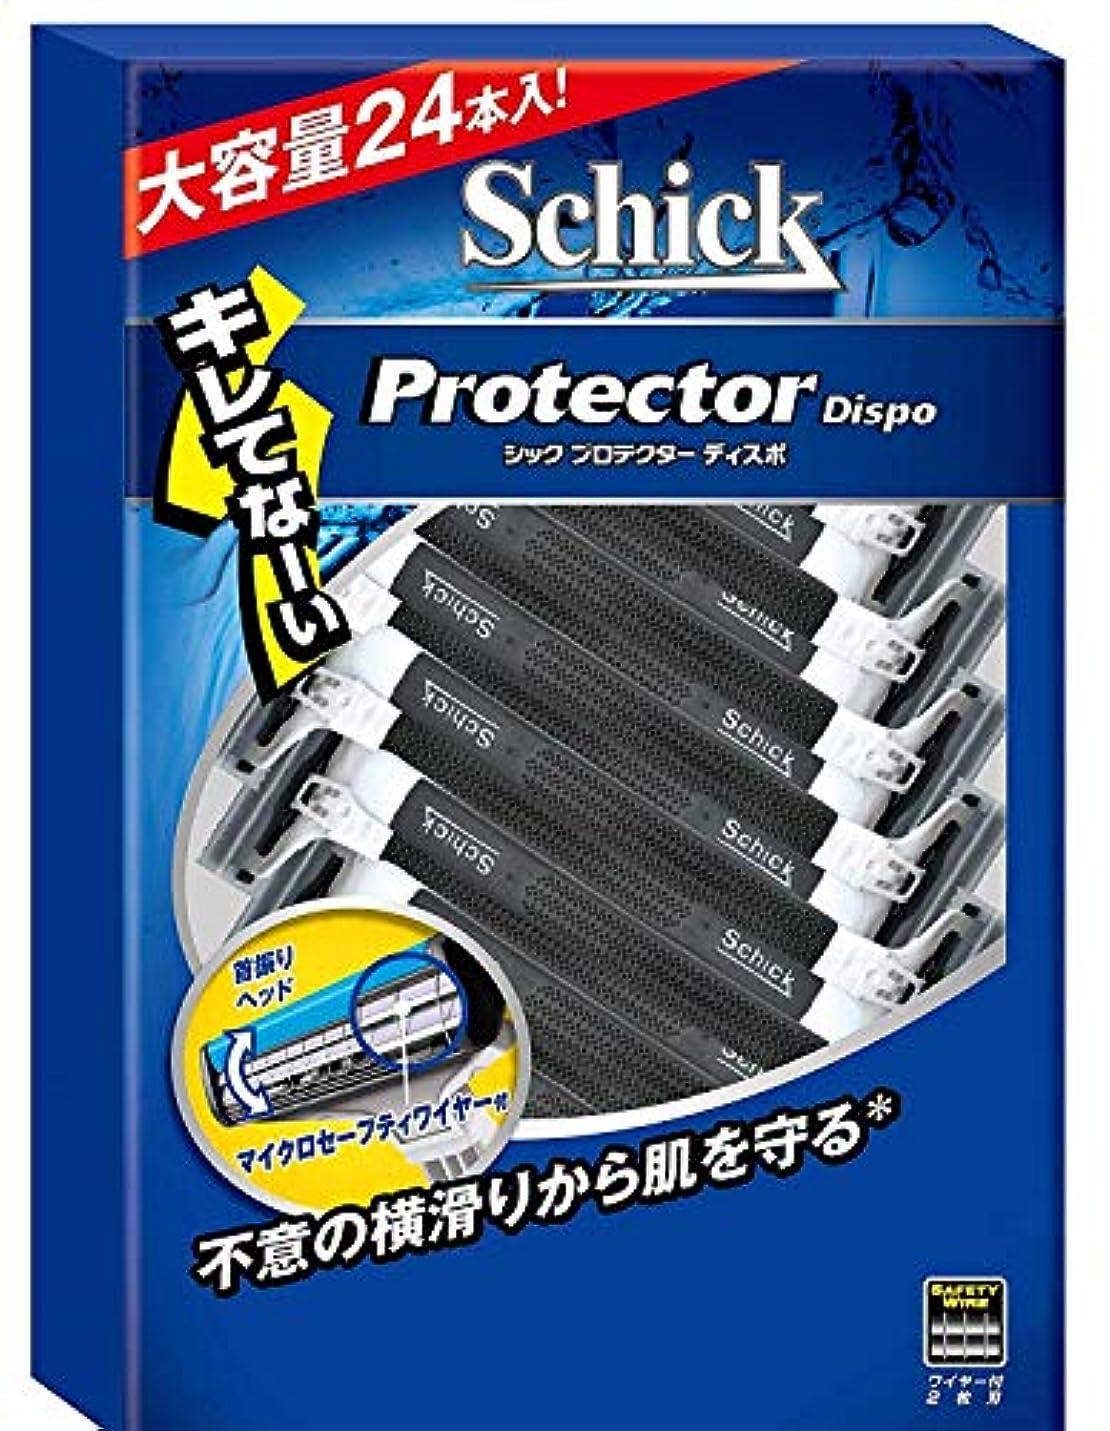 大混乱巨人ブラケット大容量 シック プロテクターディスポ 使い捨て (24本入) バリューパック